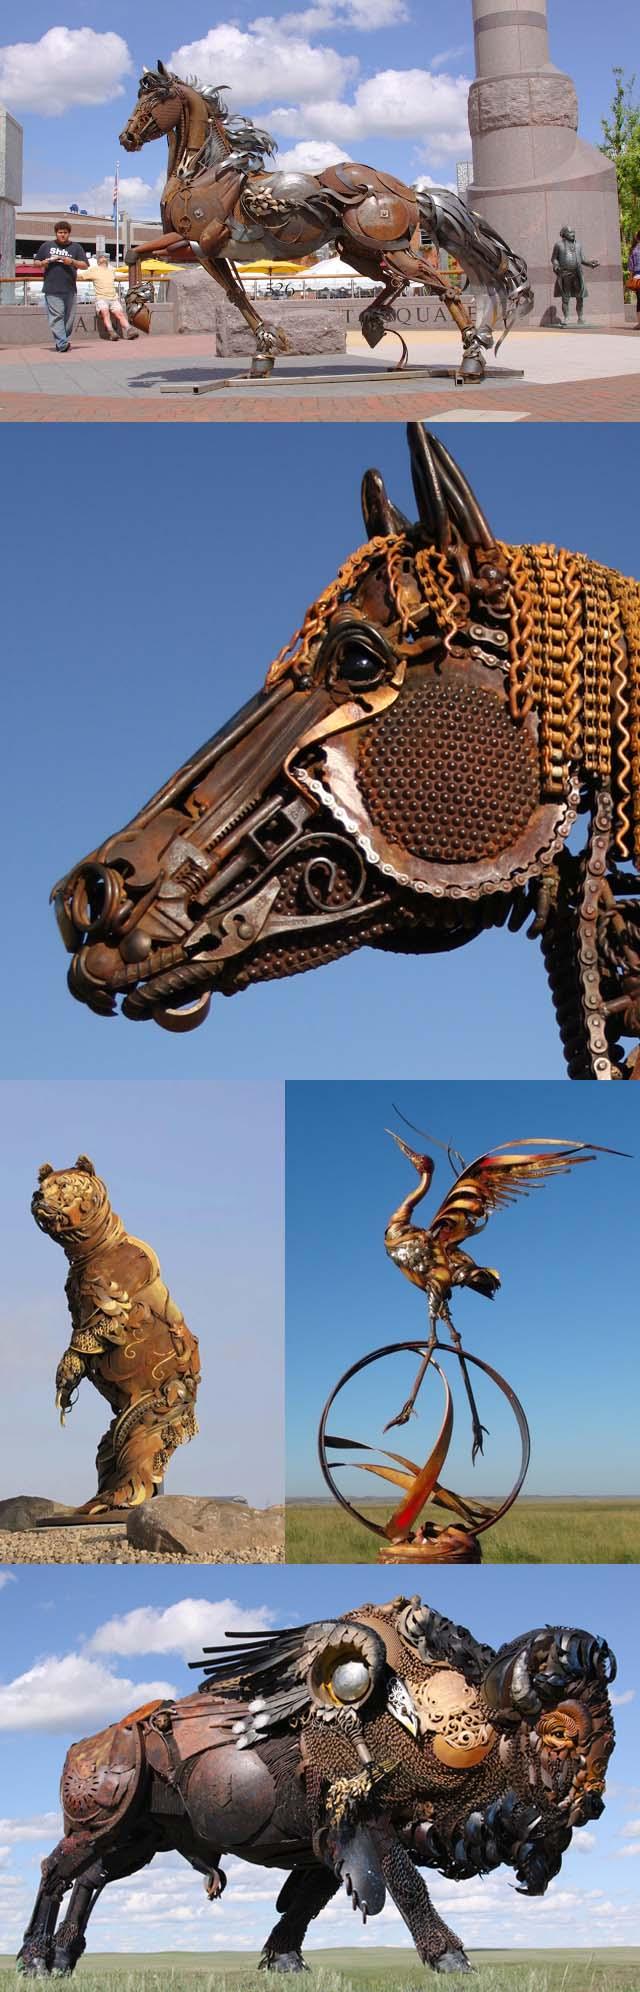 Art contemporain artistique John_lopez_sculptures